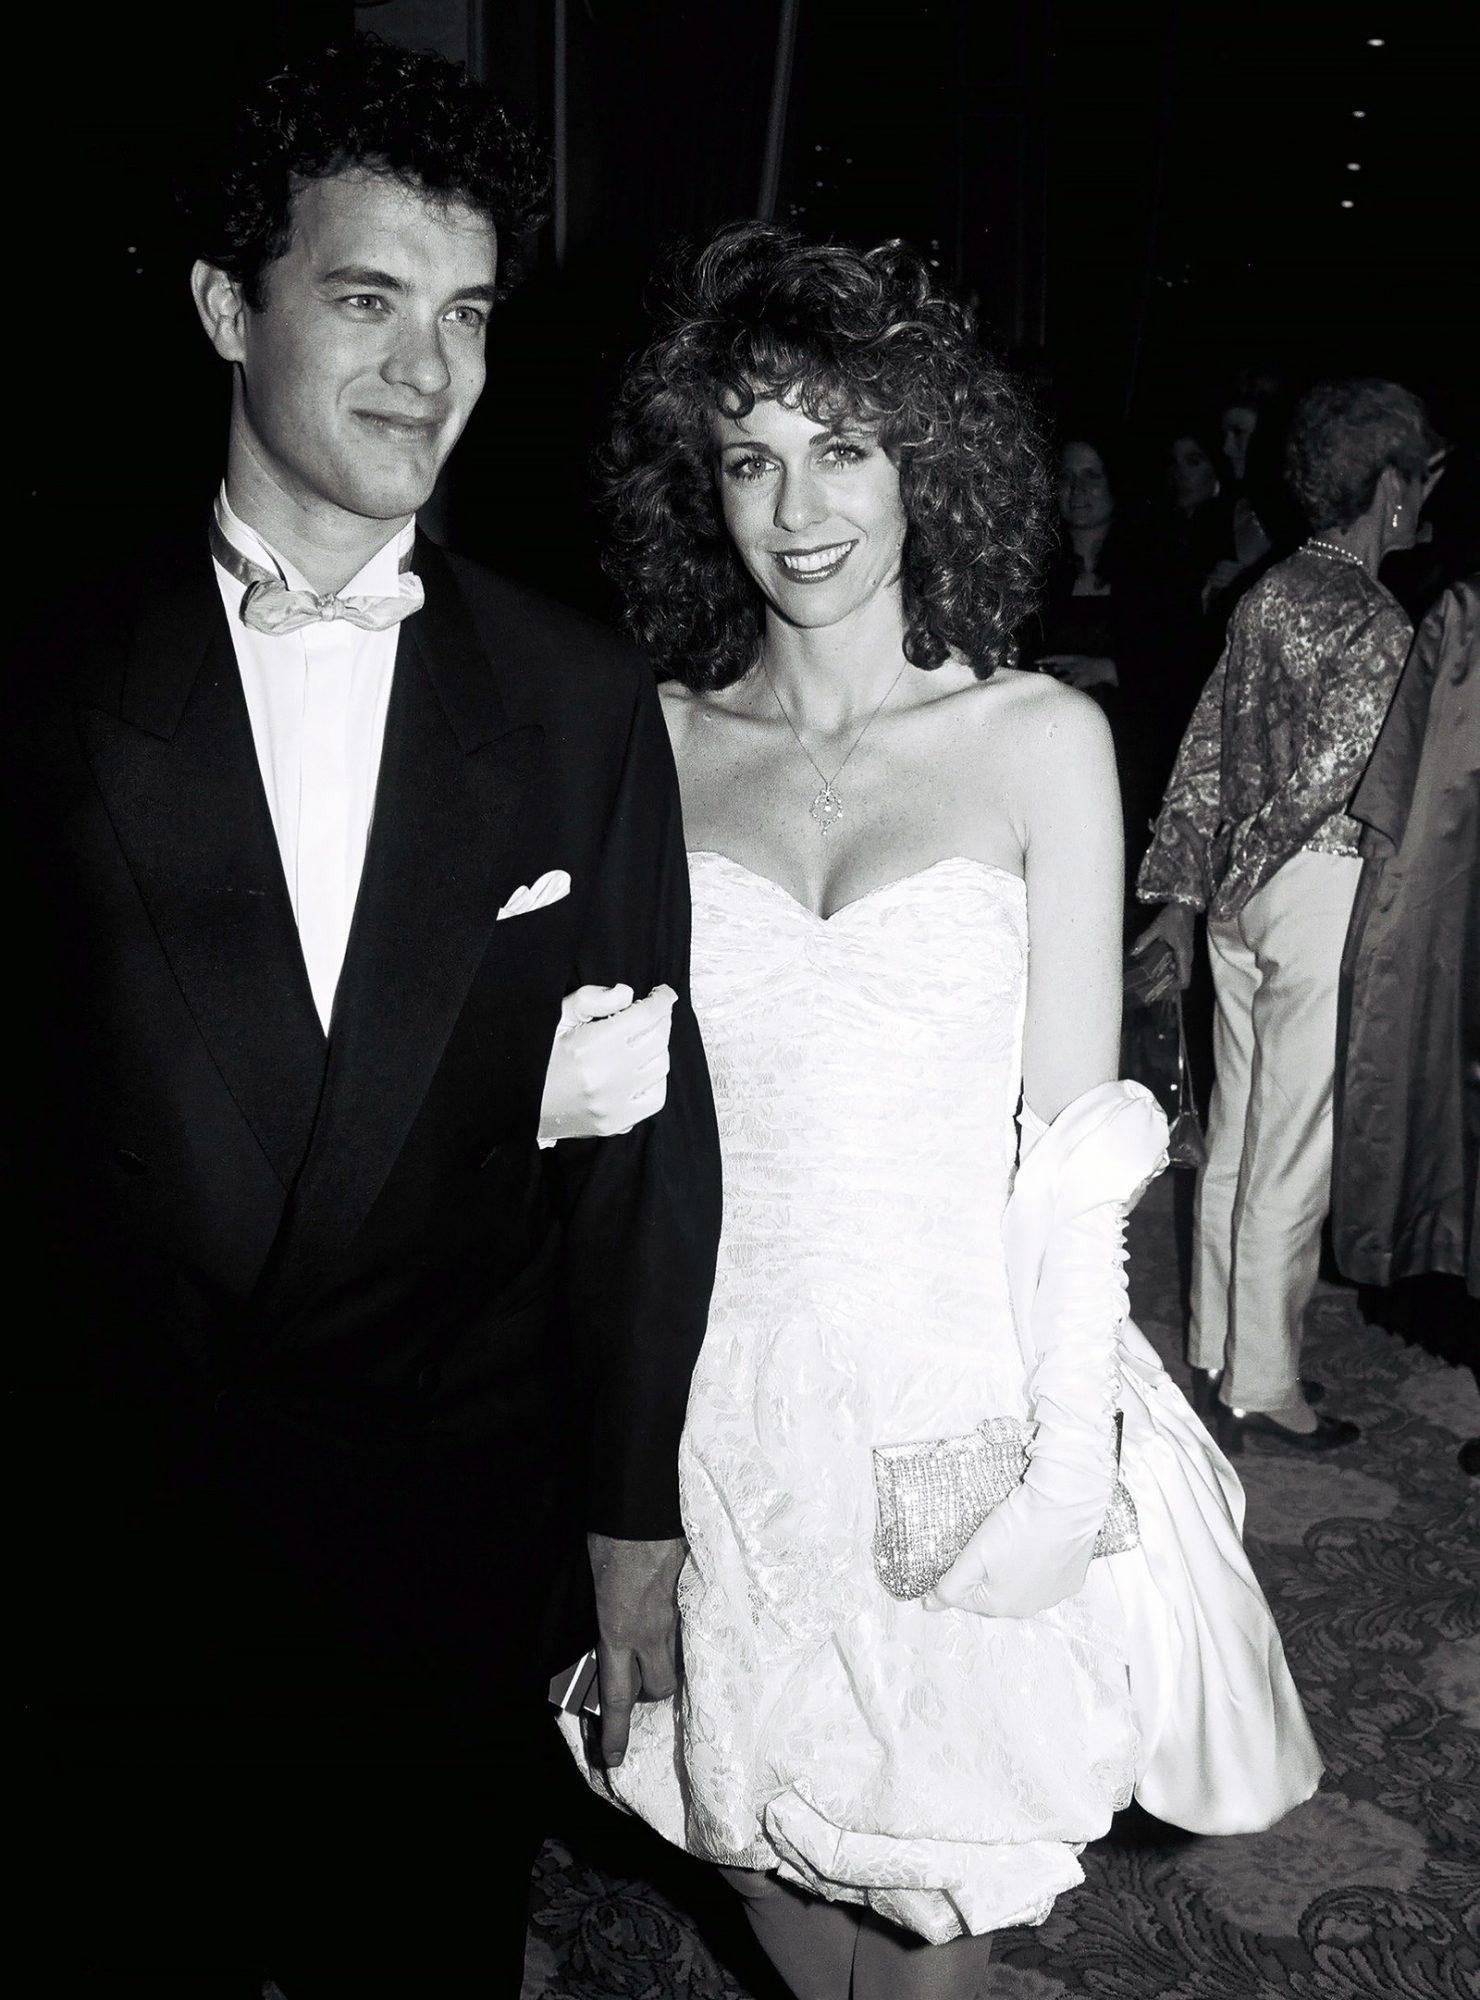 1987 AMPAS Governor's Ball